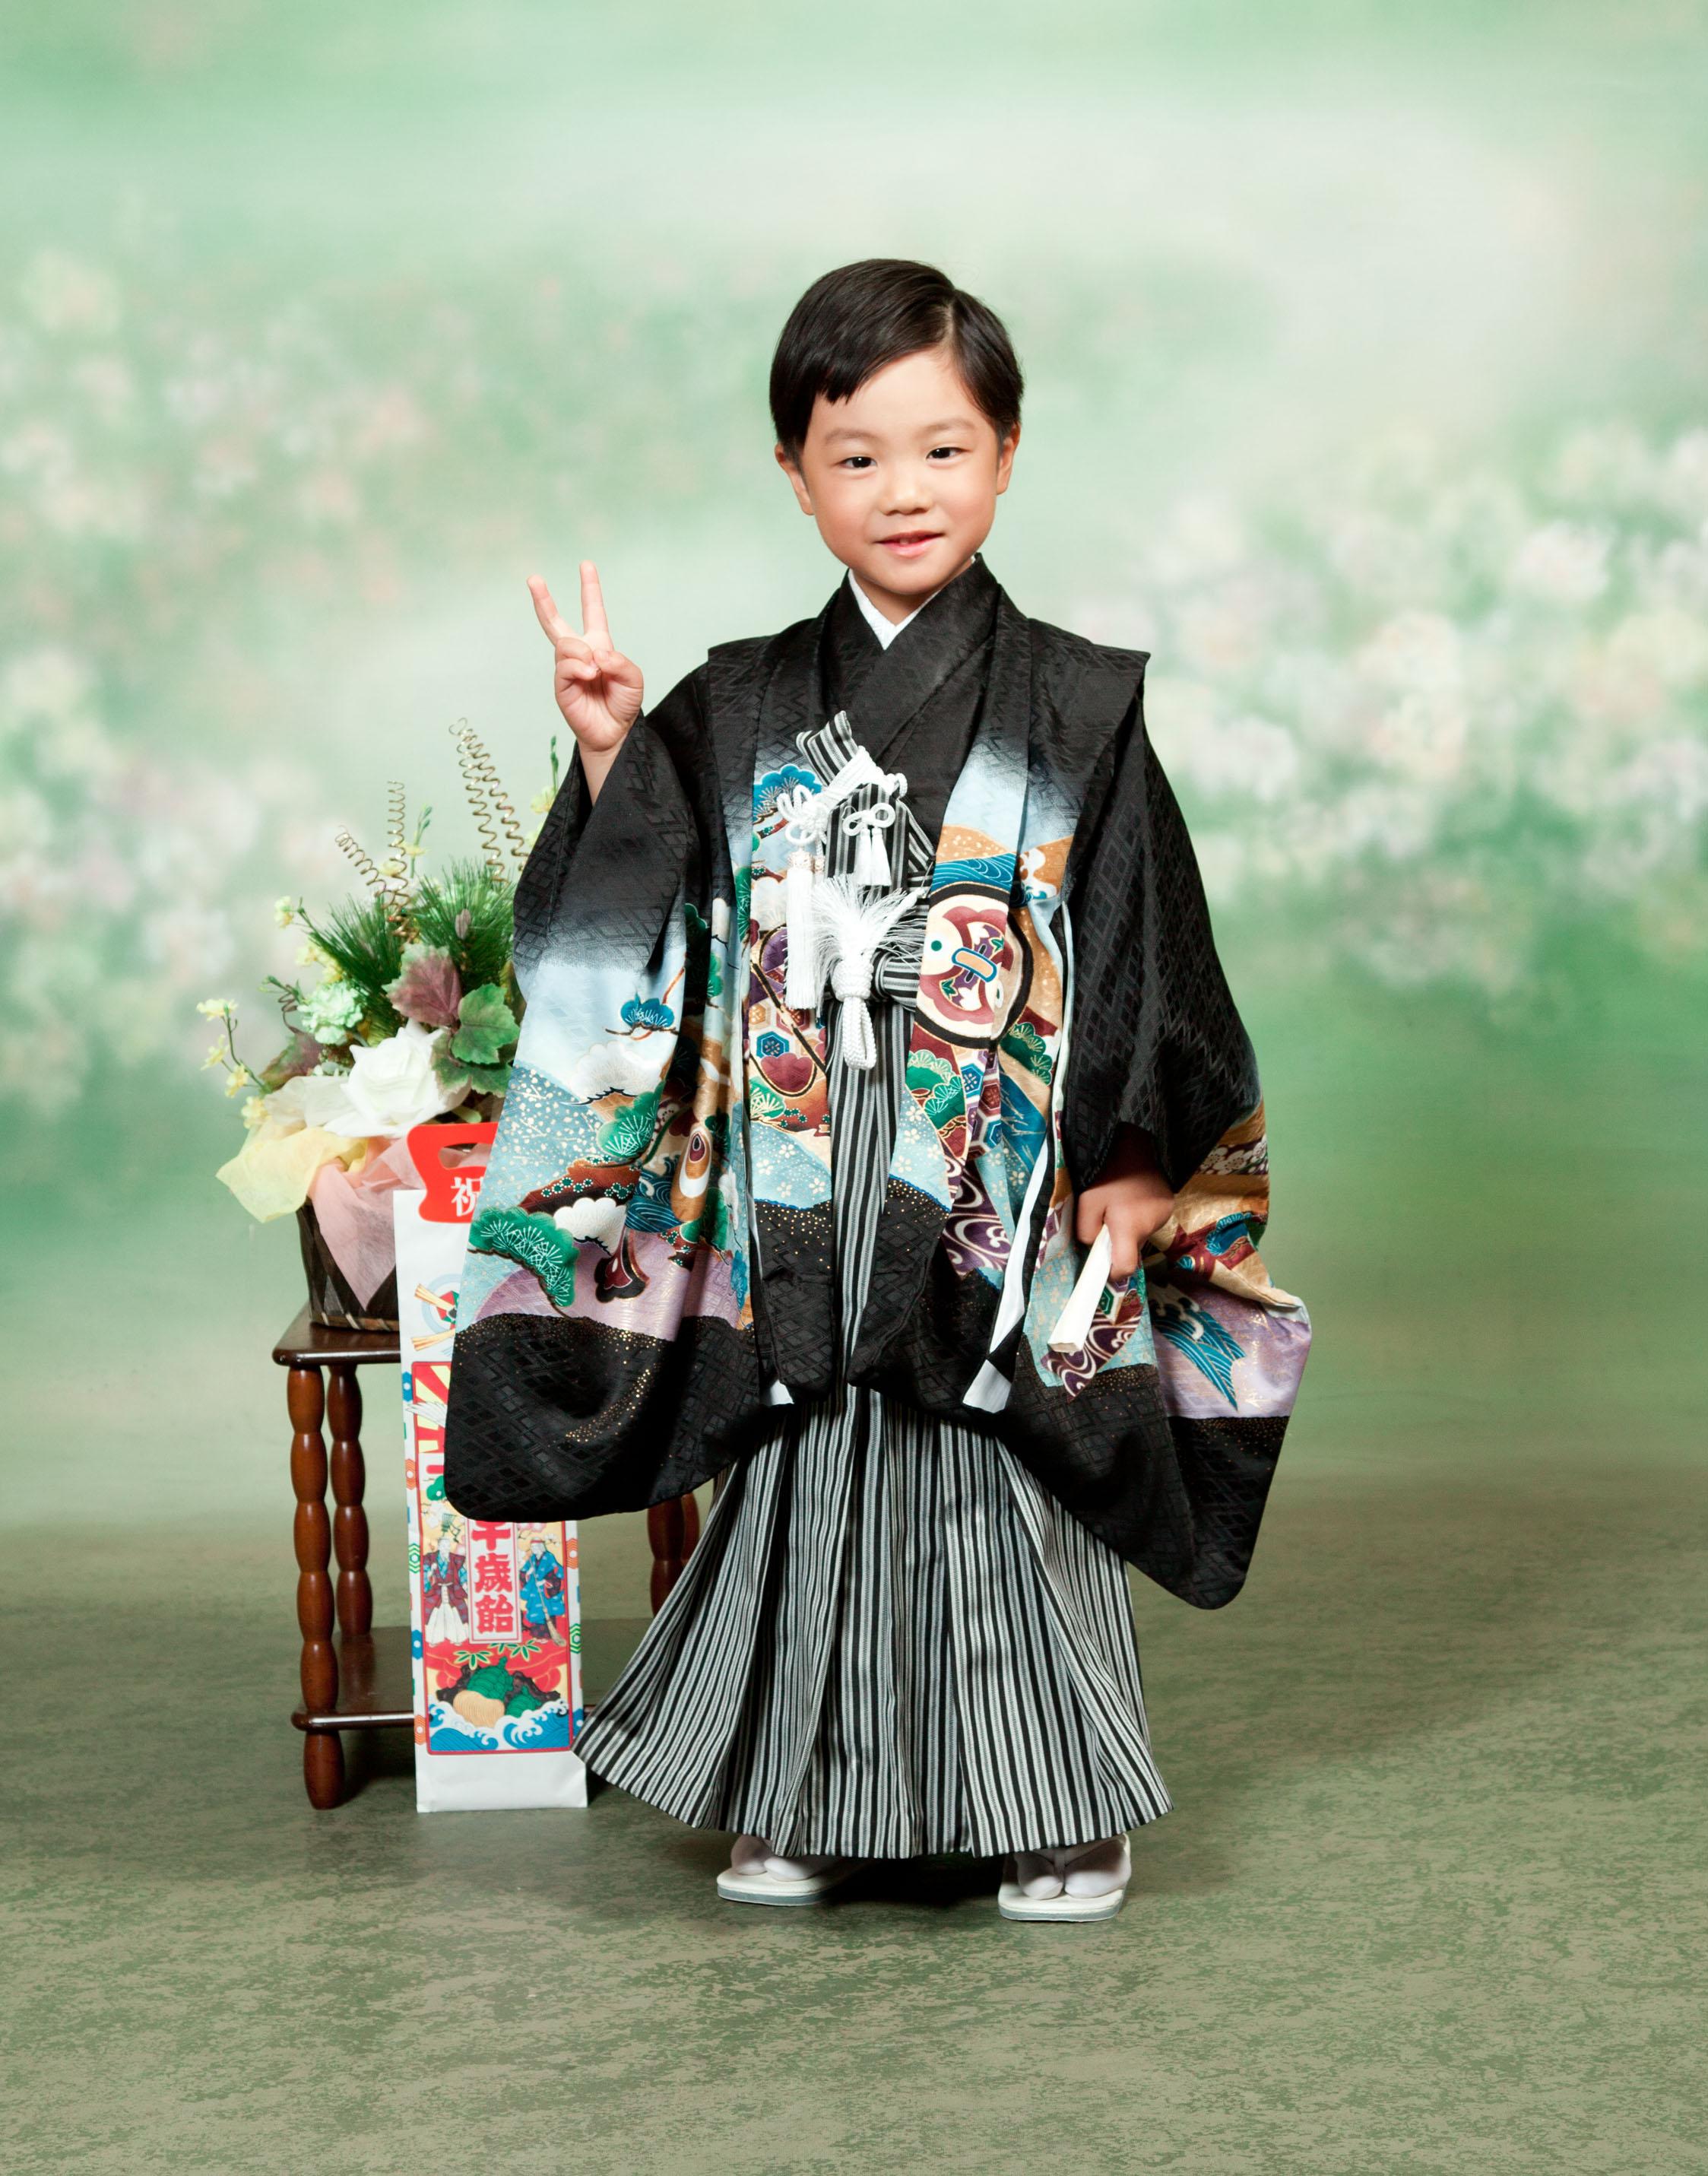 五歳-753-川口市前川神社写真館スタジオ内